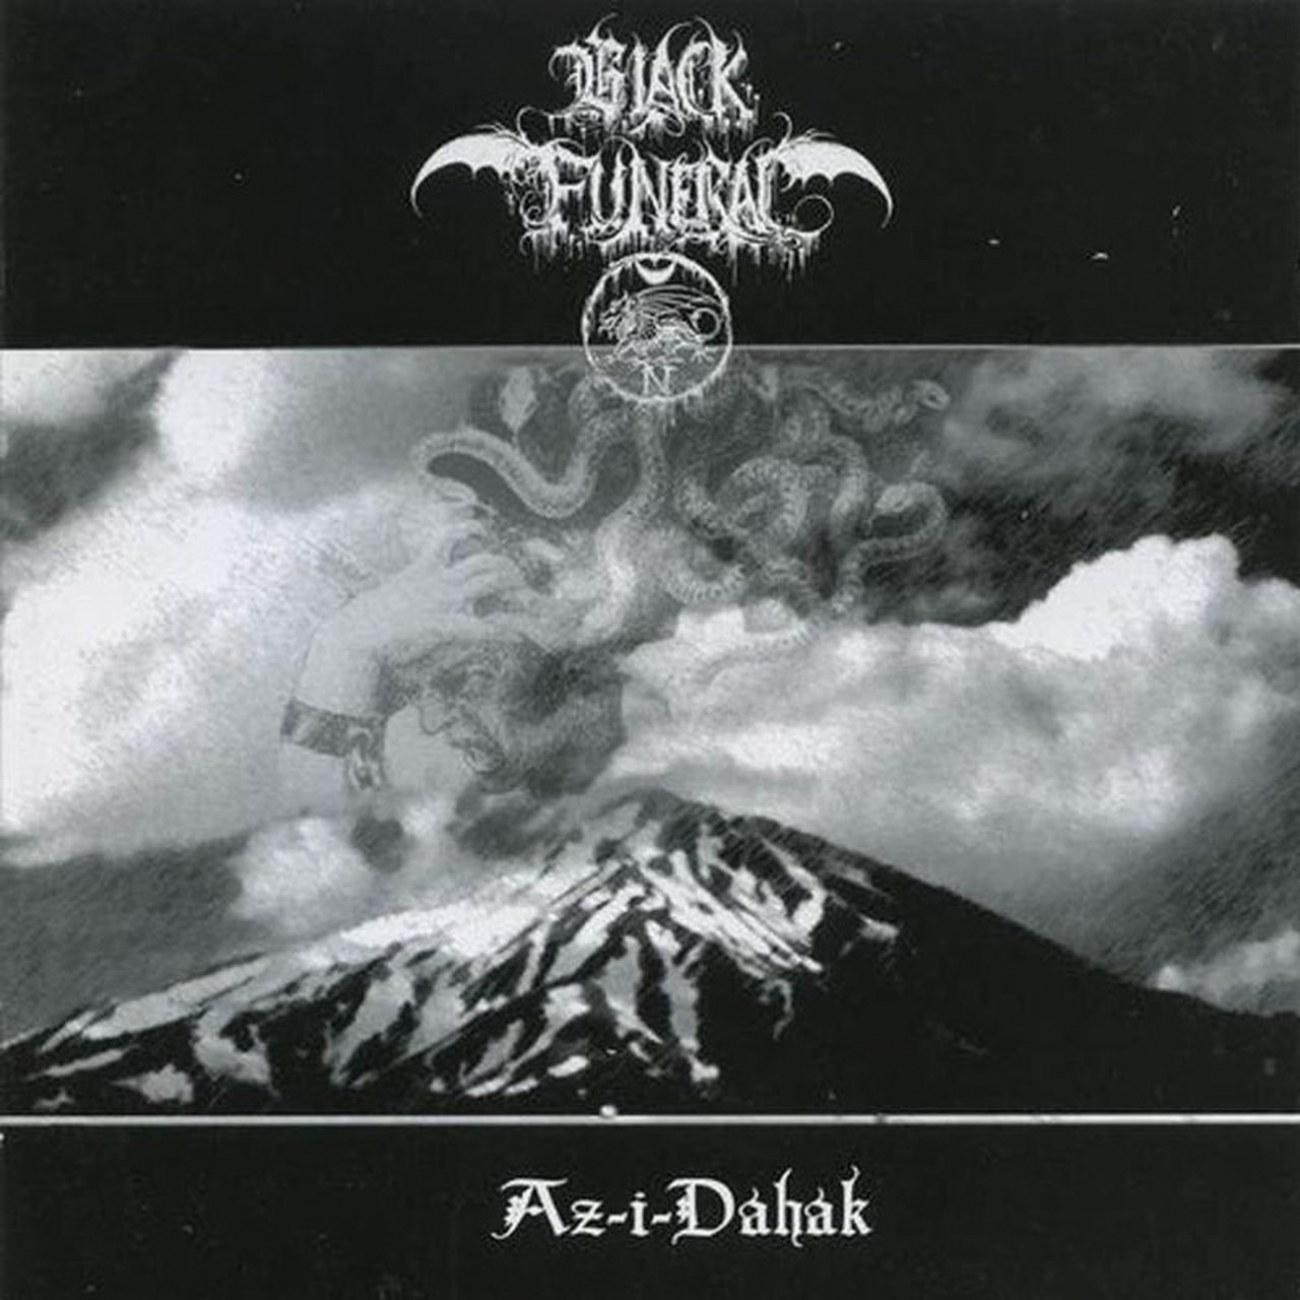 Reviews for Black Funeral - Az-I-Dahak